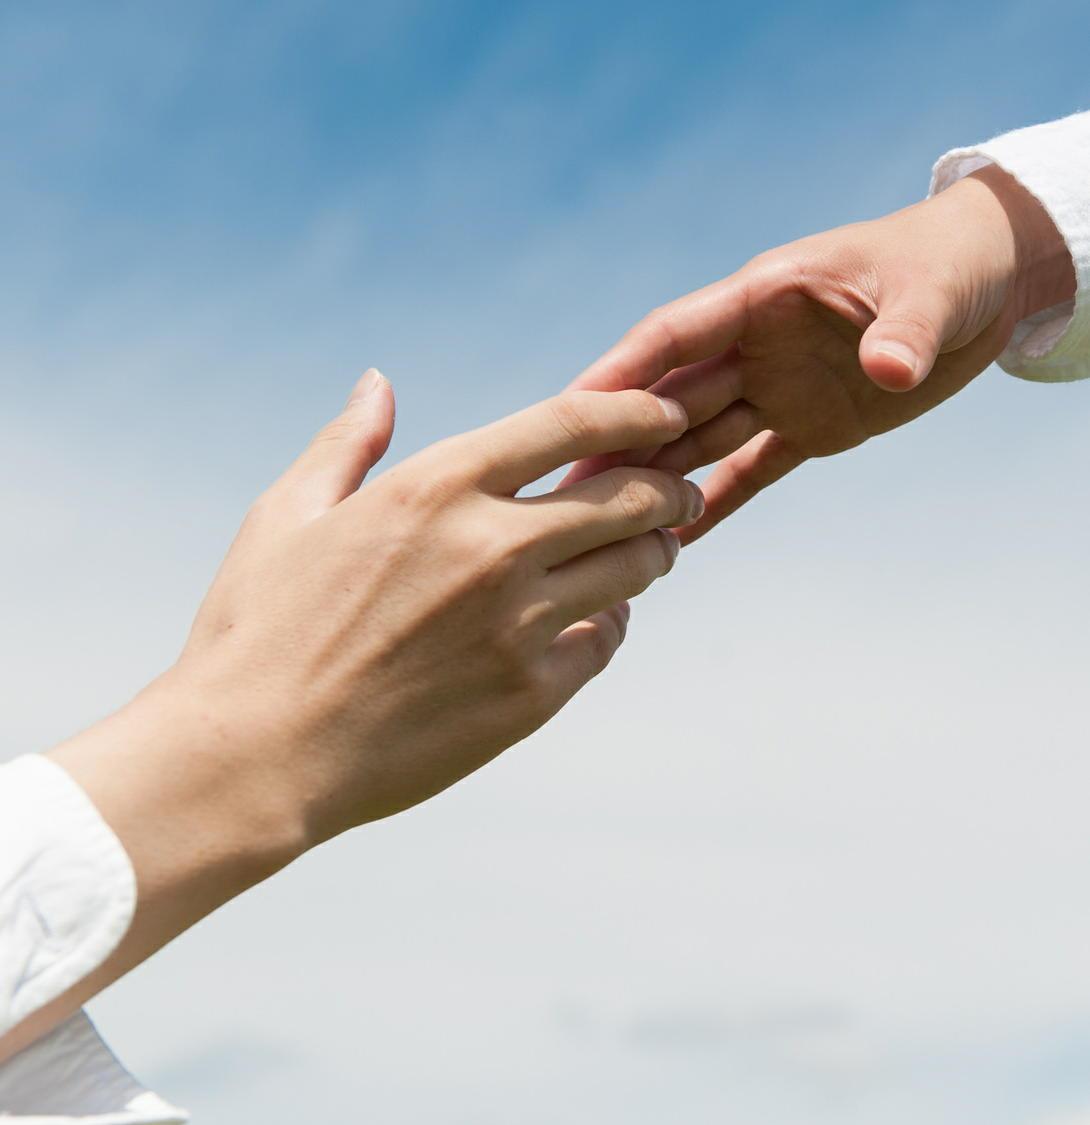 心身の機能が低下する「生活不活発病」を社会参加で予防